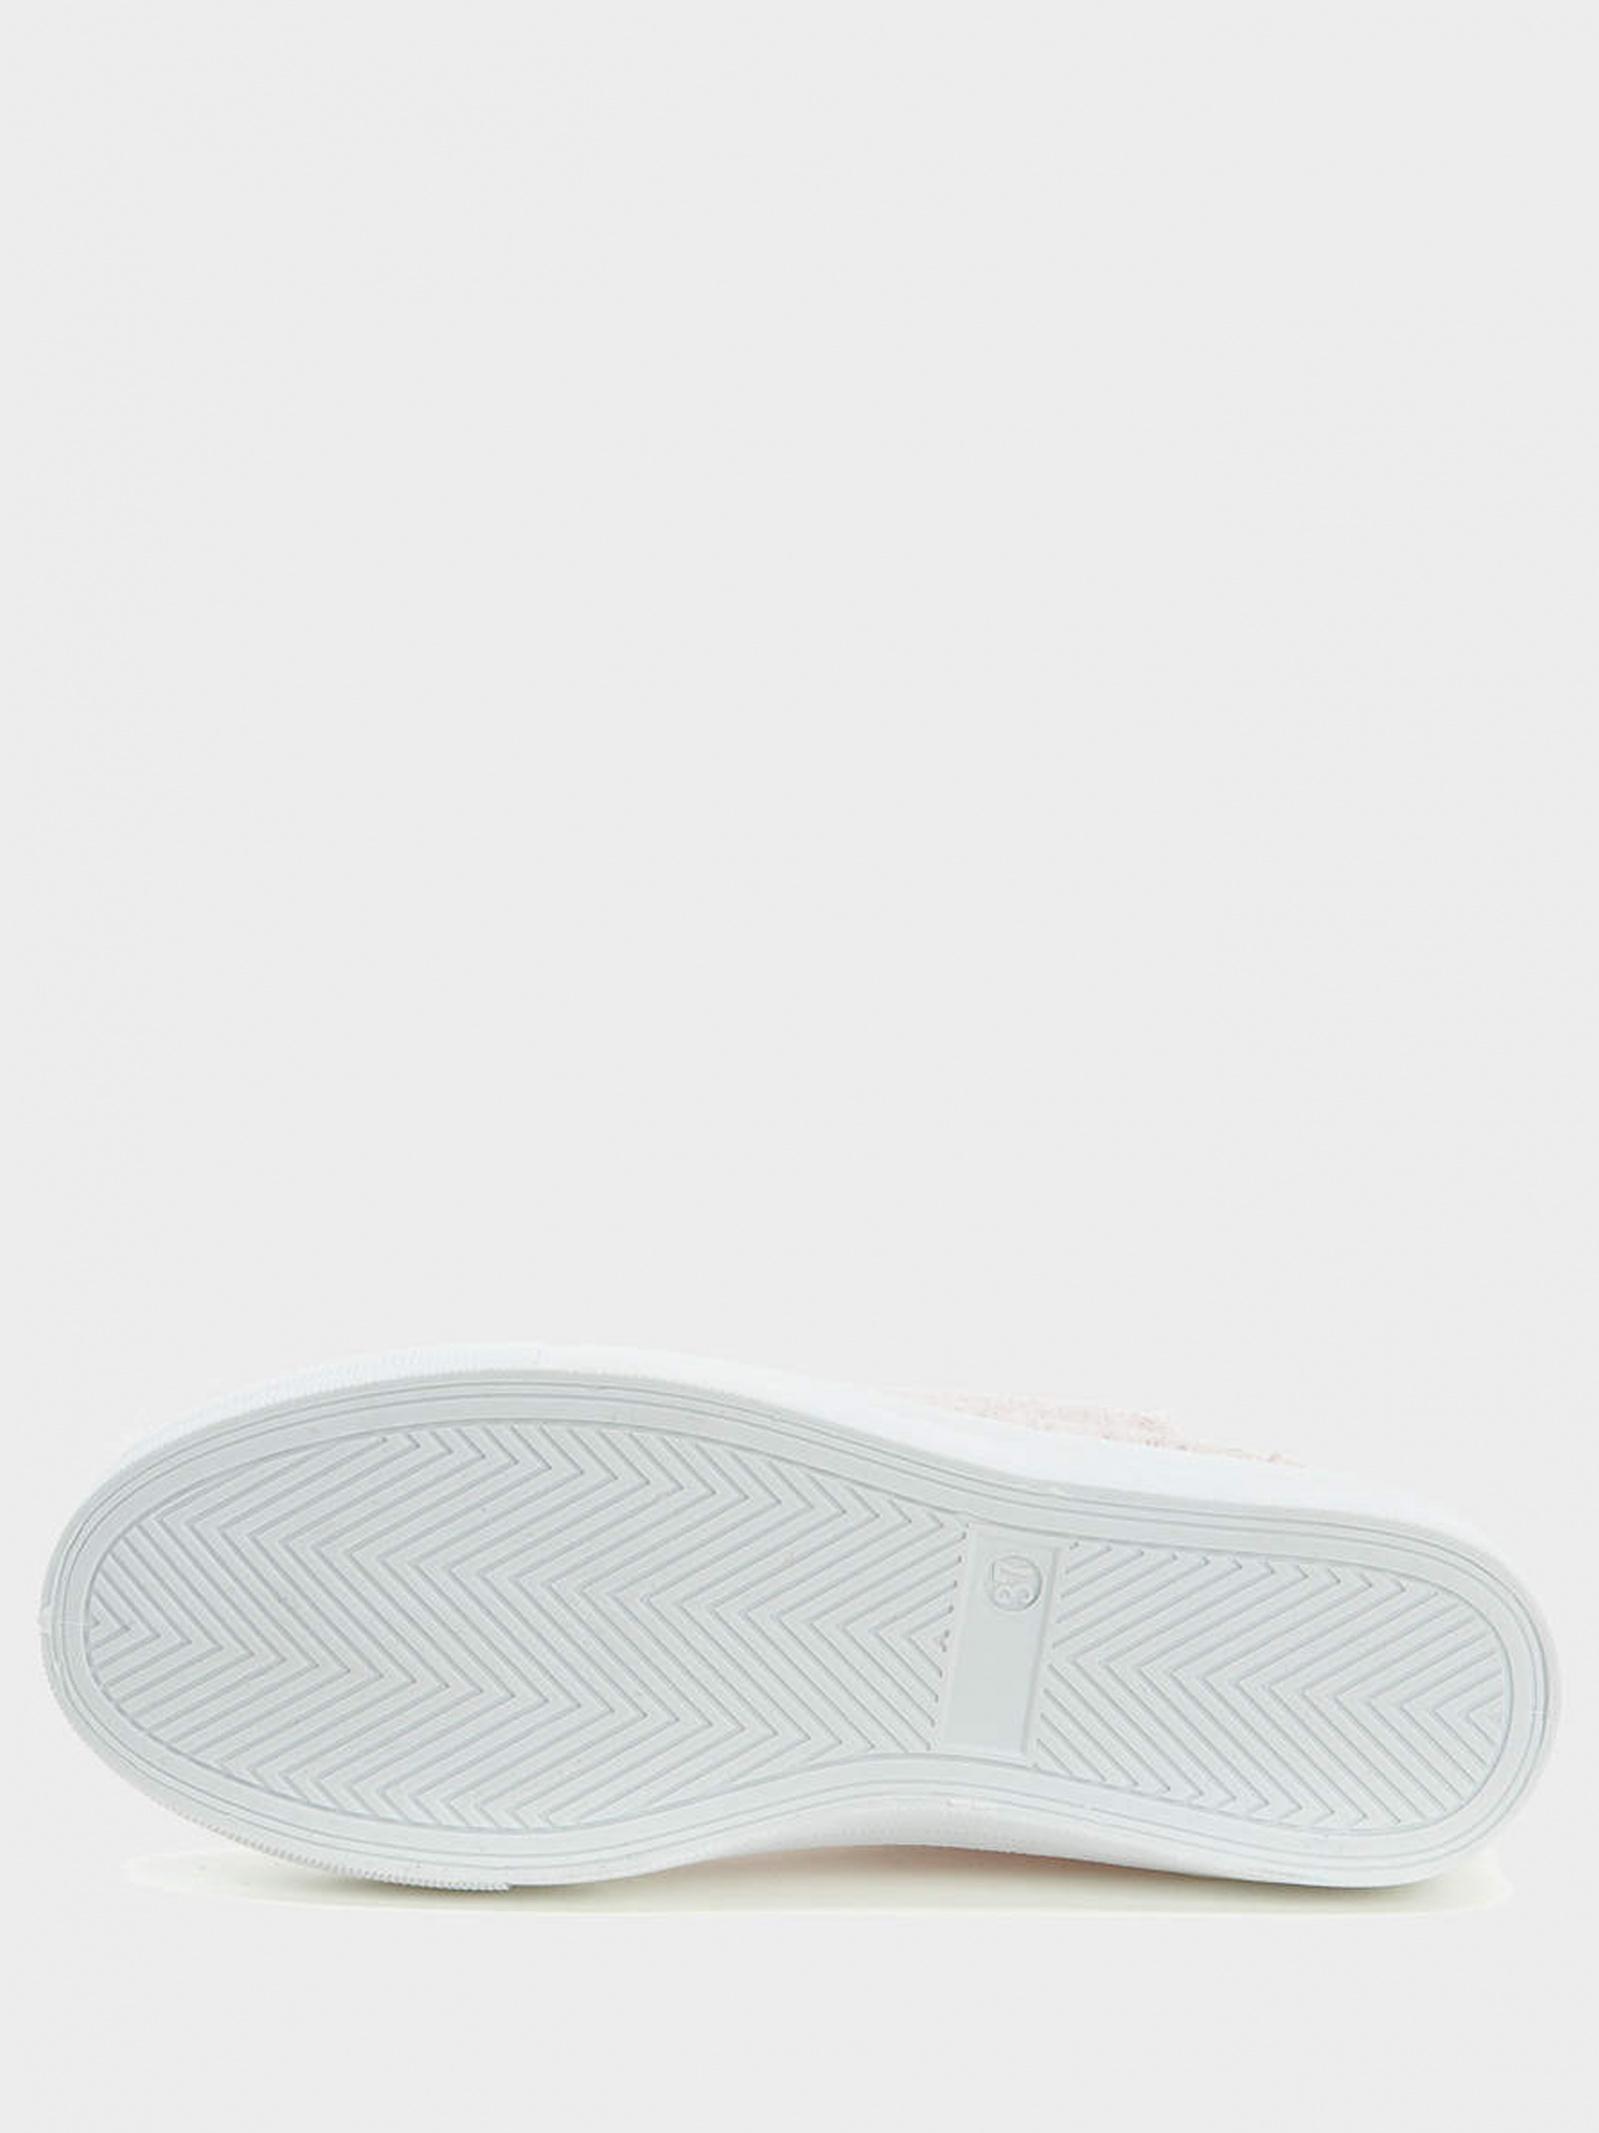 Кеди  для жінок Crosby 407365/01-01 модне взуття, 2017